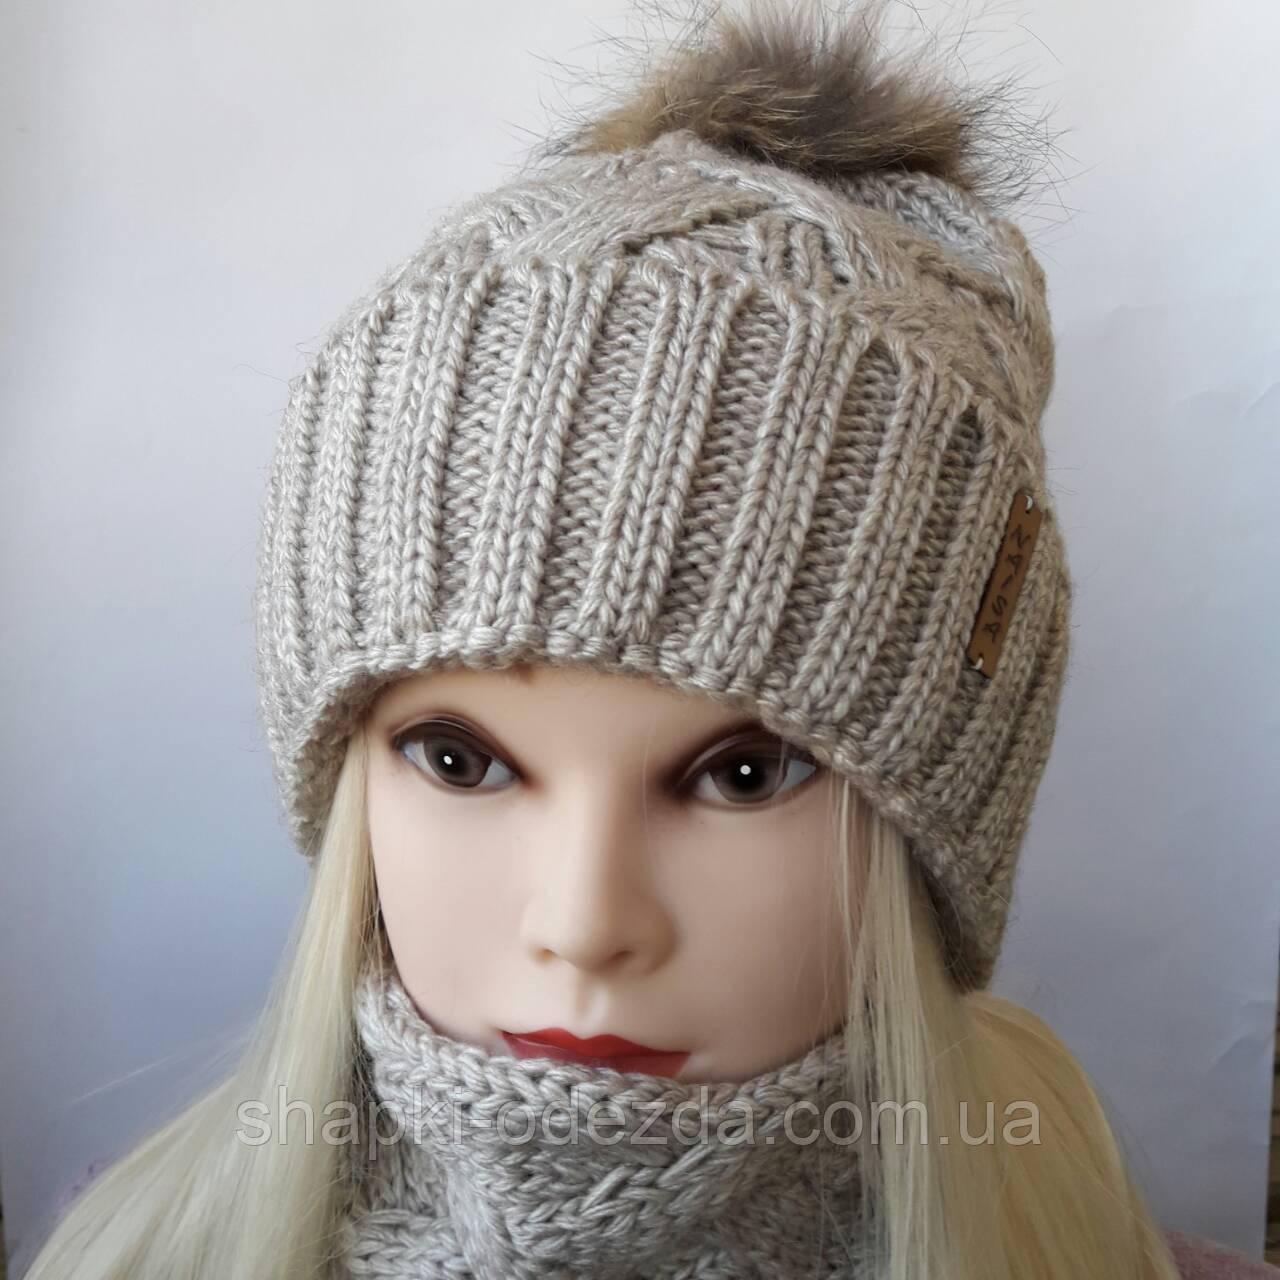 молодежная вязаная шапка с бафом и натуральным помпоном енота